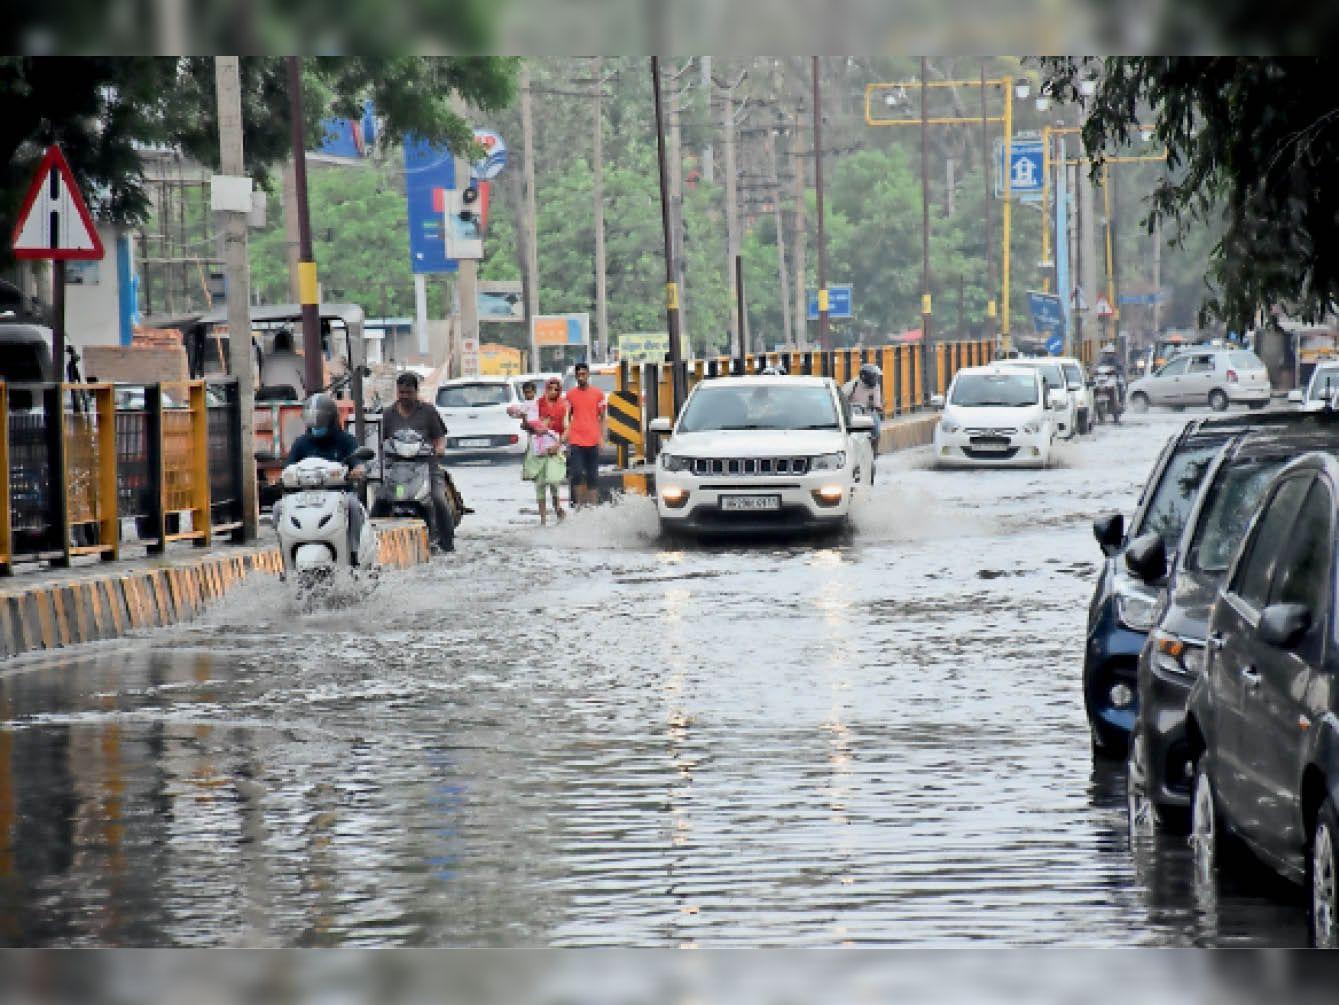 जनता के 16 कराेड़ रुपए खर्च, नतीजा ढाक के तीन पात, दिल्ली राेड से पानी निकलने में लगे 7 घंटे, अफसर नहीं ले रहे जिम्मेदारी|हिसार,Hisar - Dainik Bhaskar